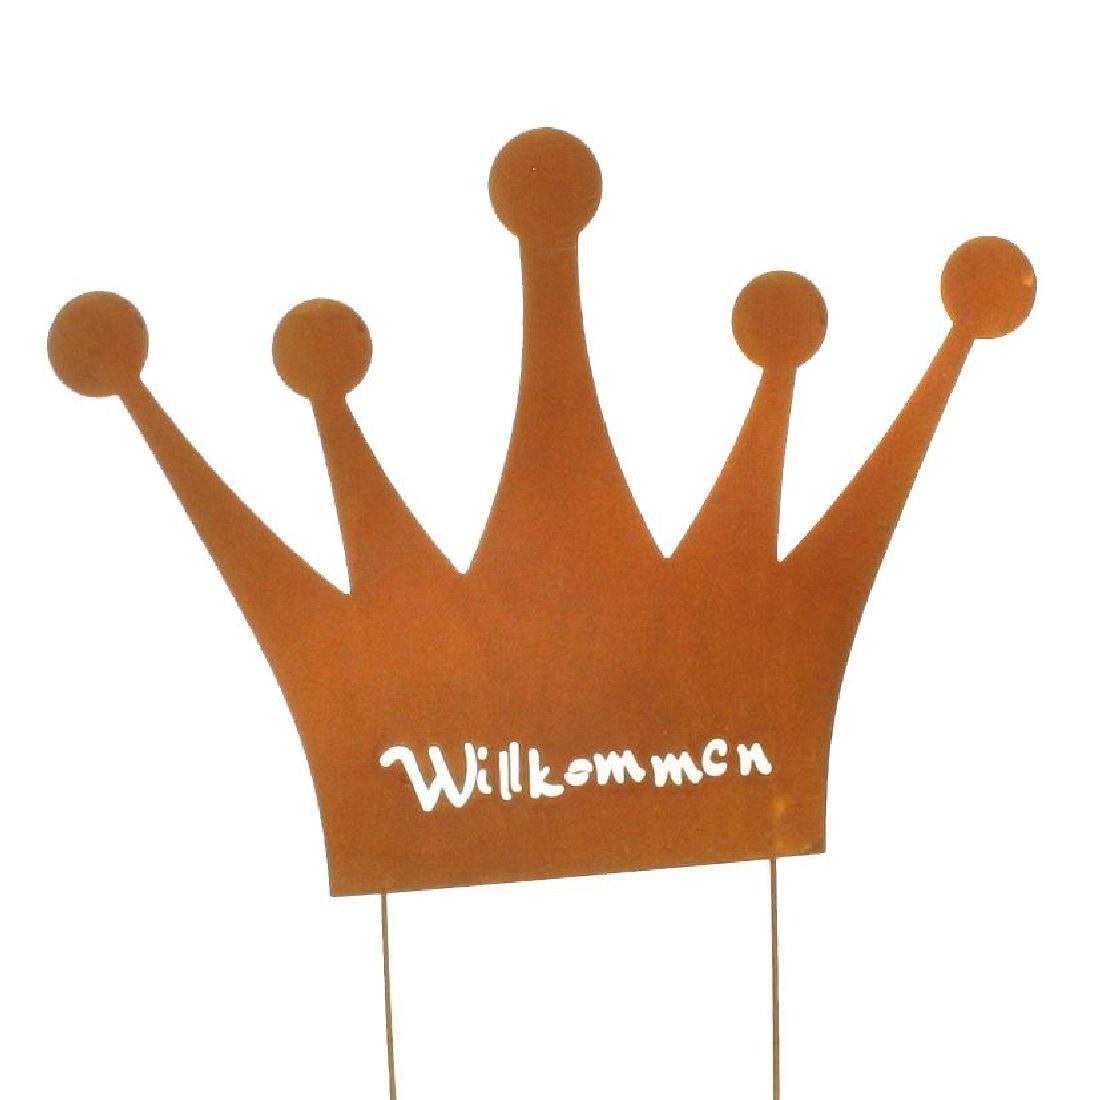 Krone Willkommen Roststecker NATURROST 56814 33x25/38cm mit 2 Steckern